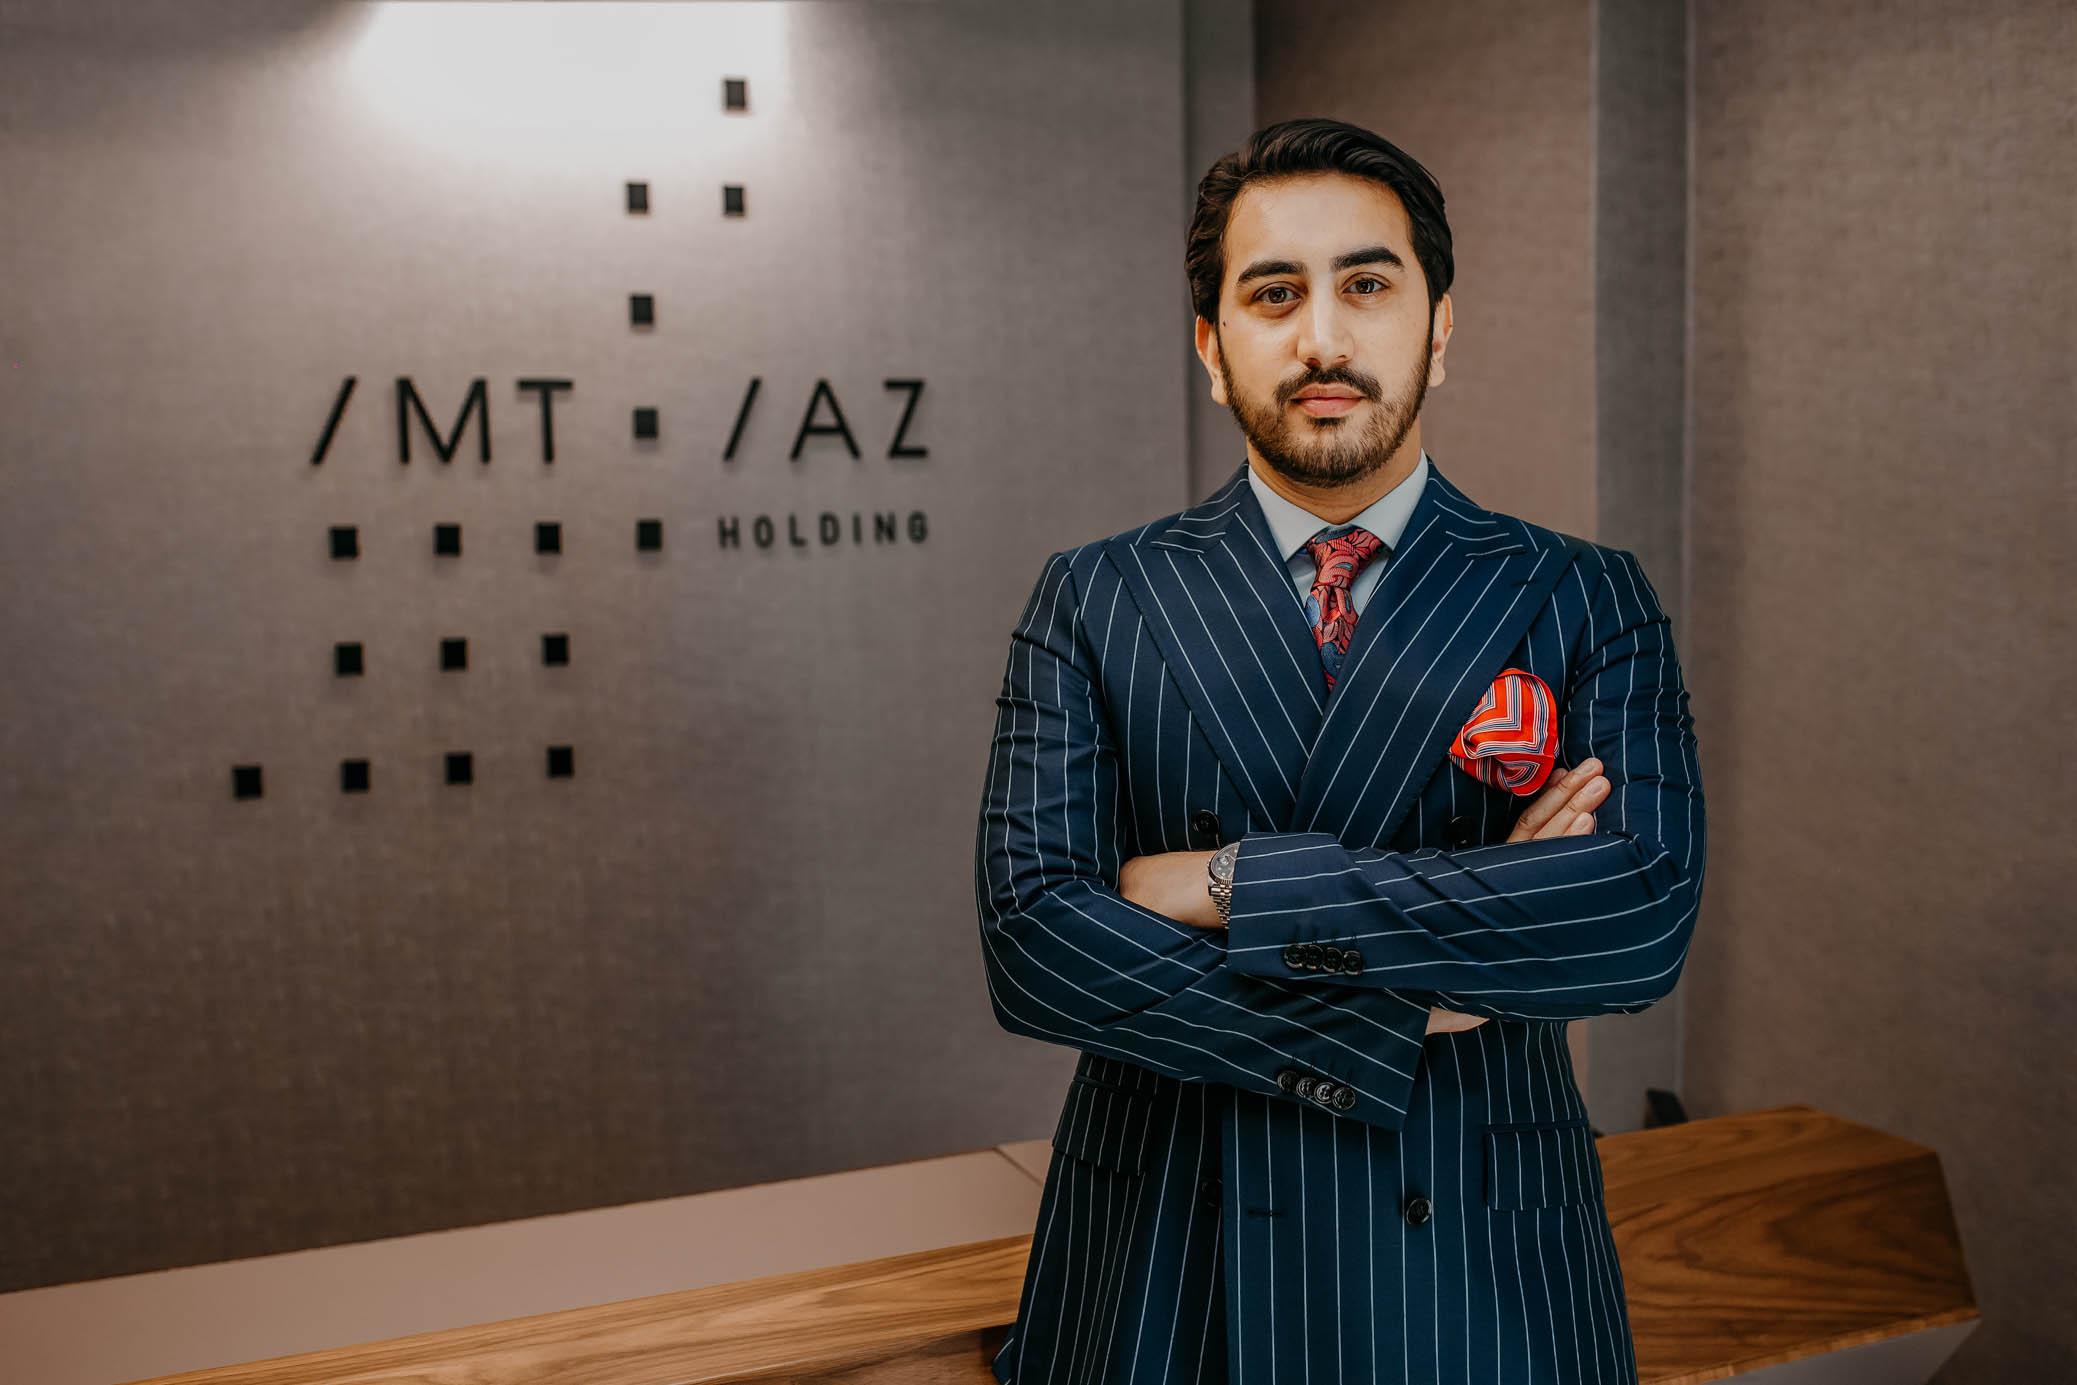 Imtıaz Holding Yönetim Kurulu Başkanı